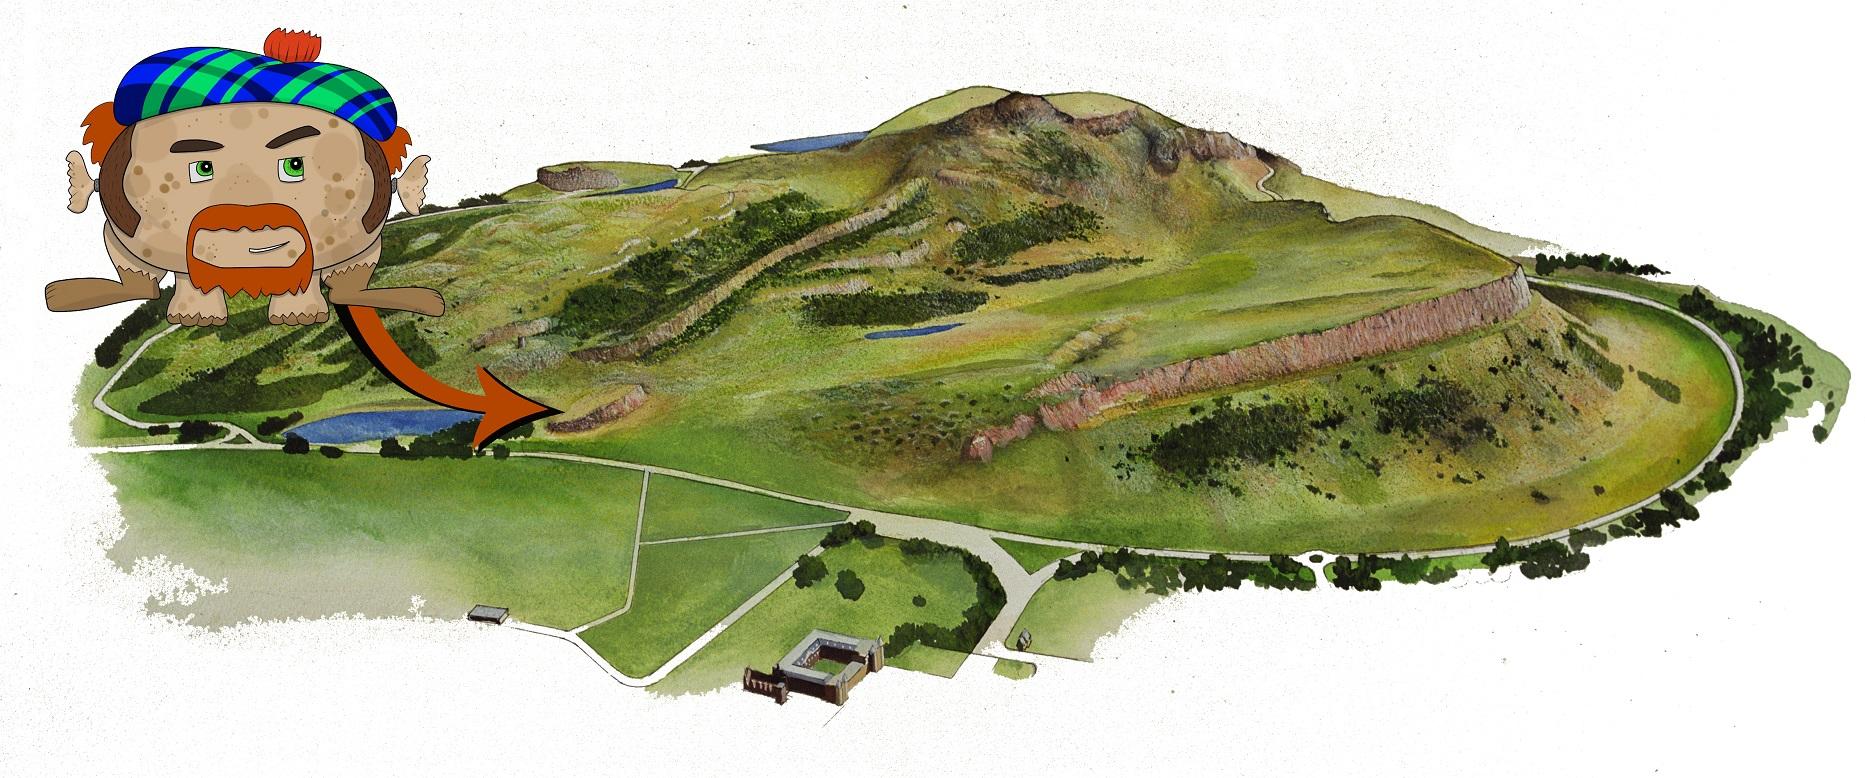 Haggis Knowe, the natural habitat of the Holyrood Haggis